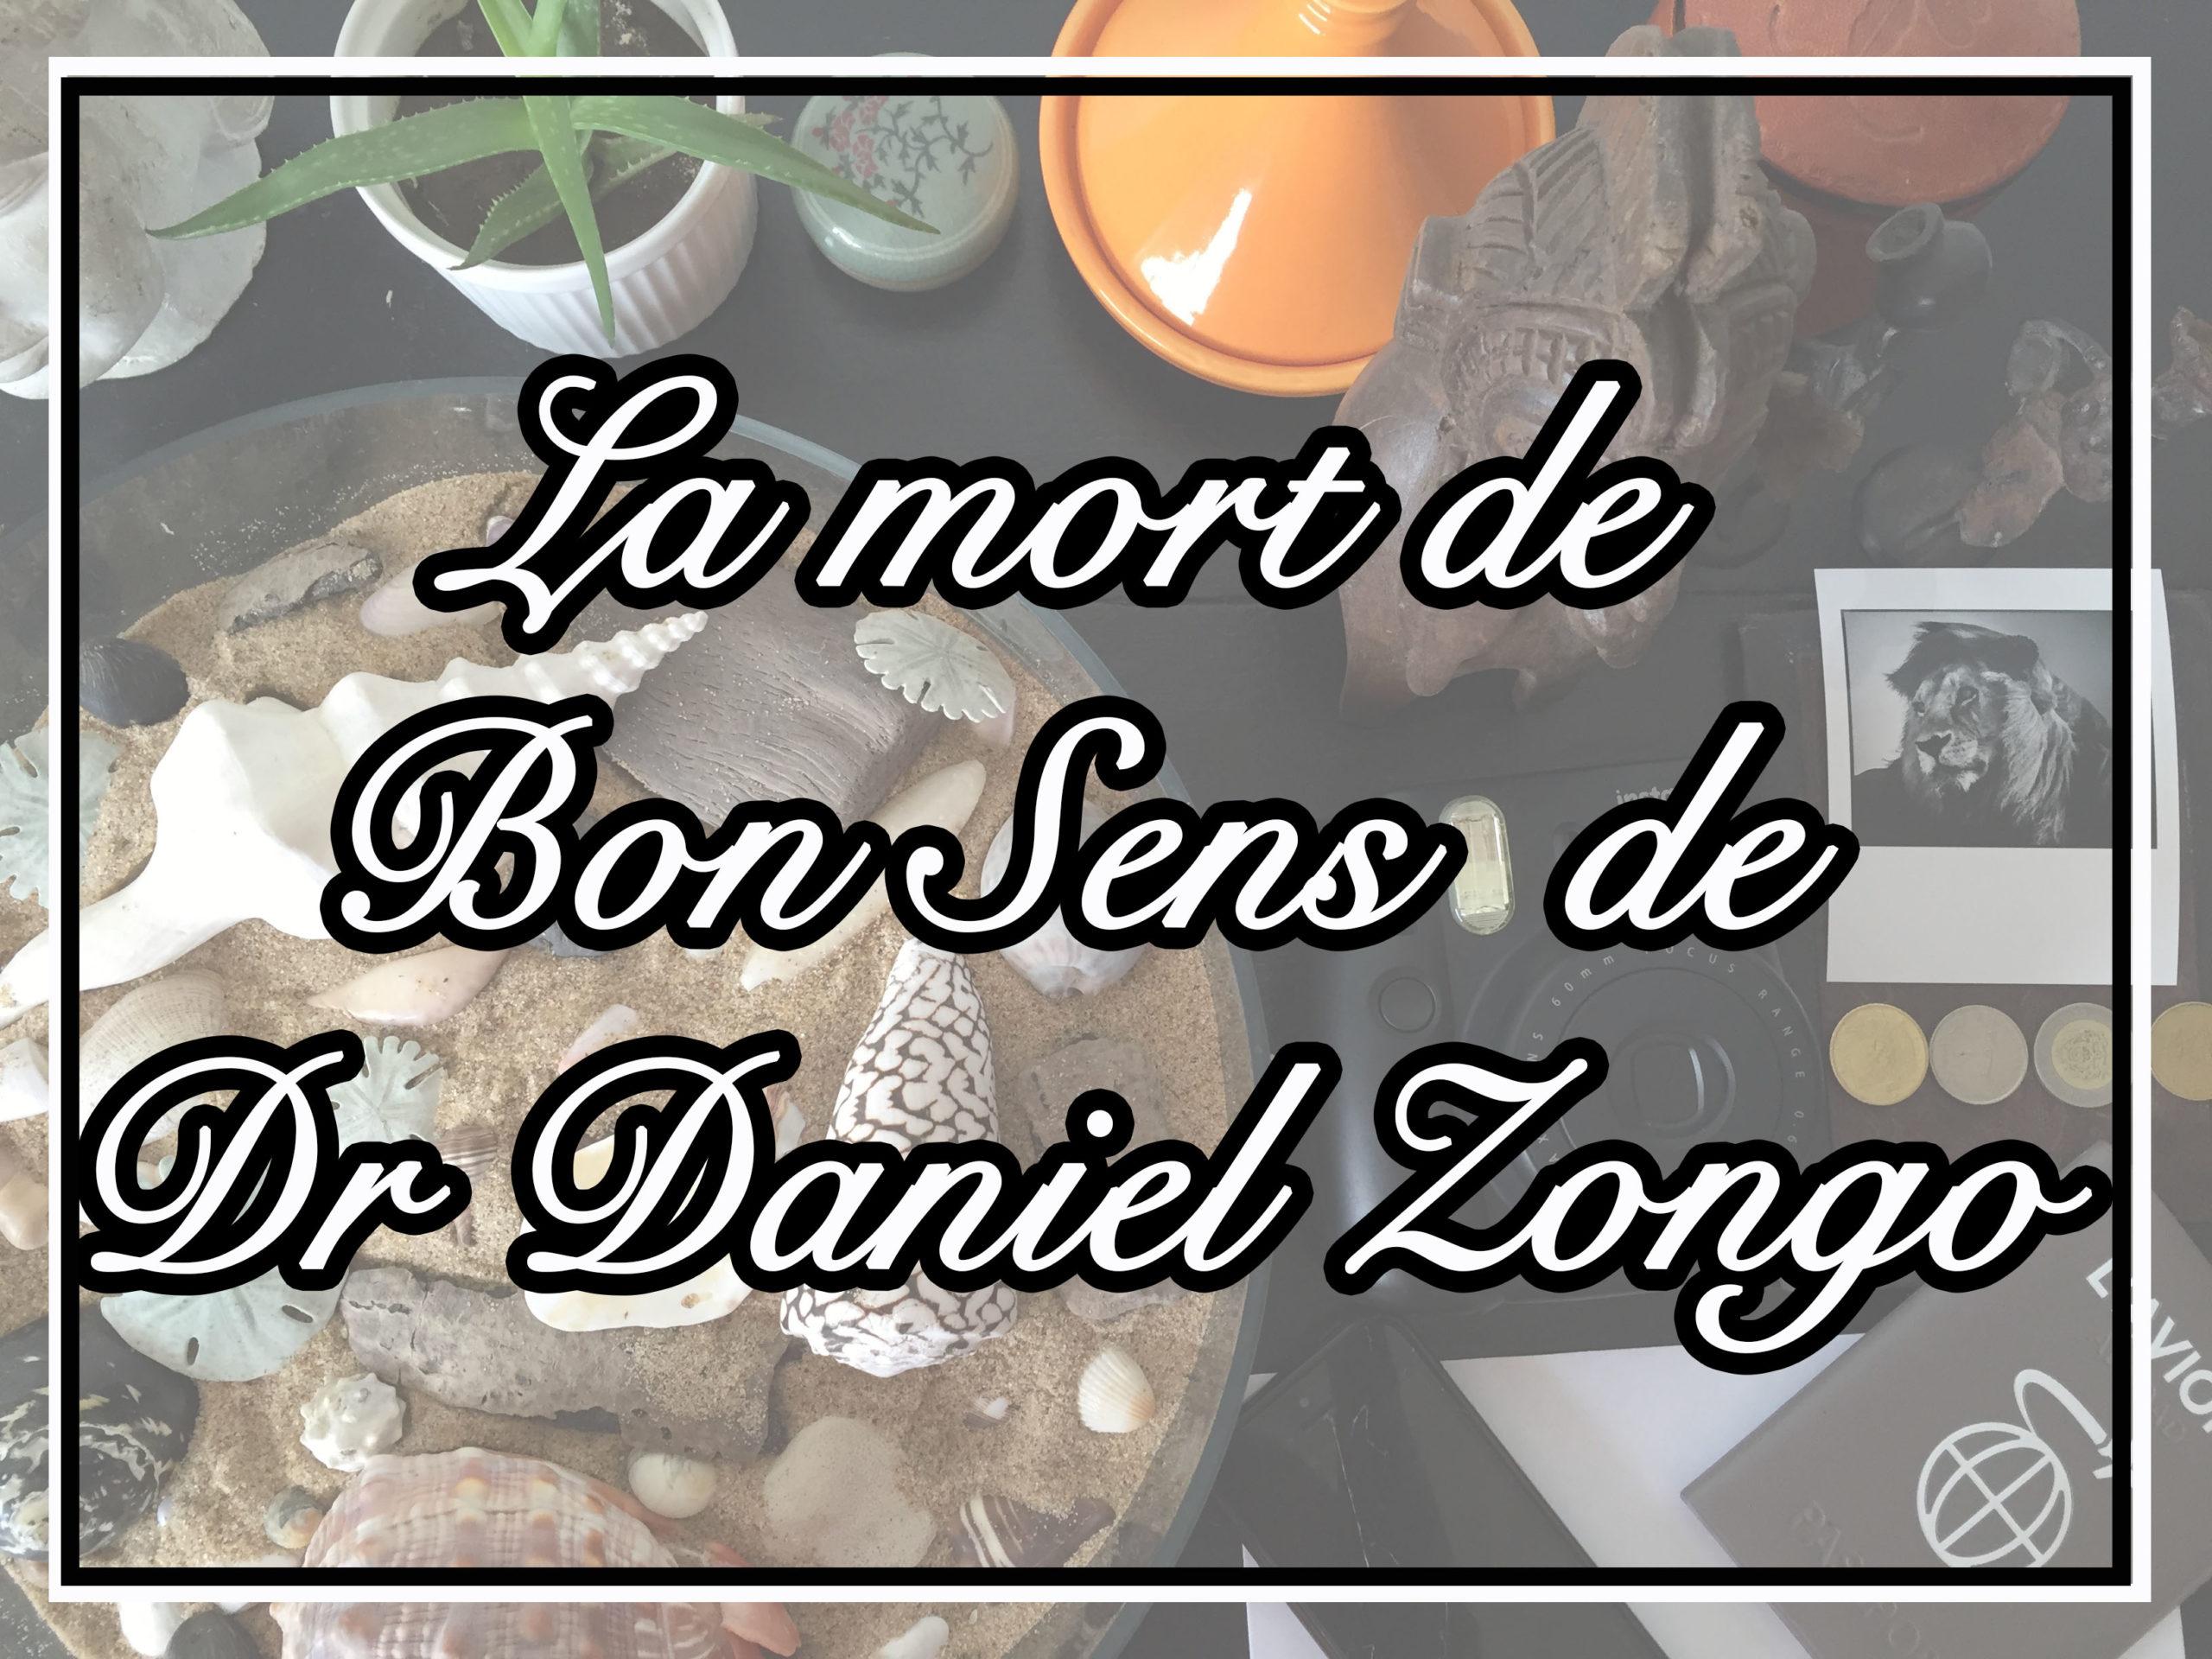 La mort de Bon Sens du Dr Daniel Zongo